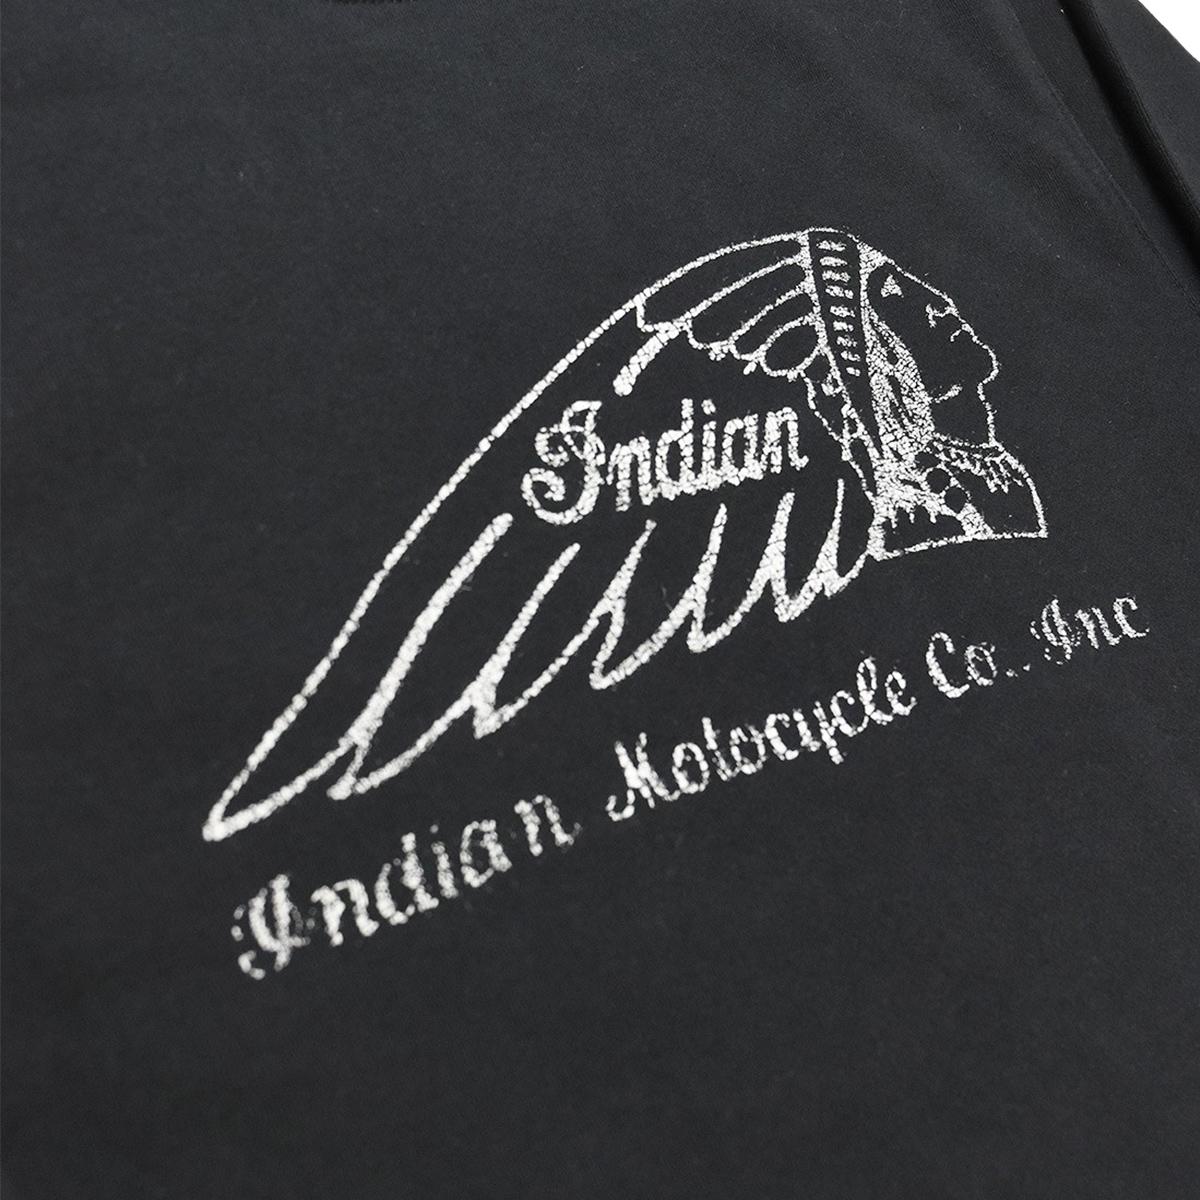 Indian インディアン ベーシック ヘッドマークスウェット